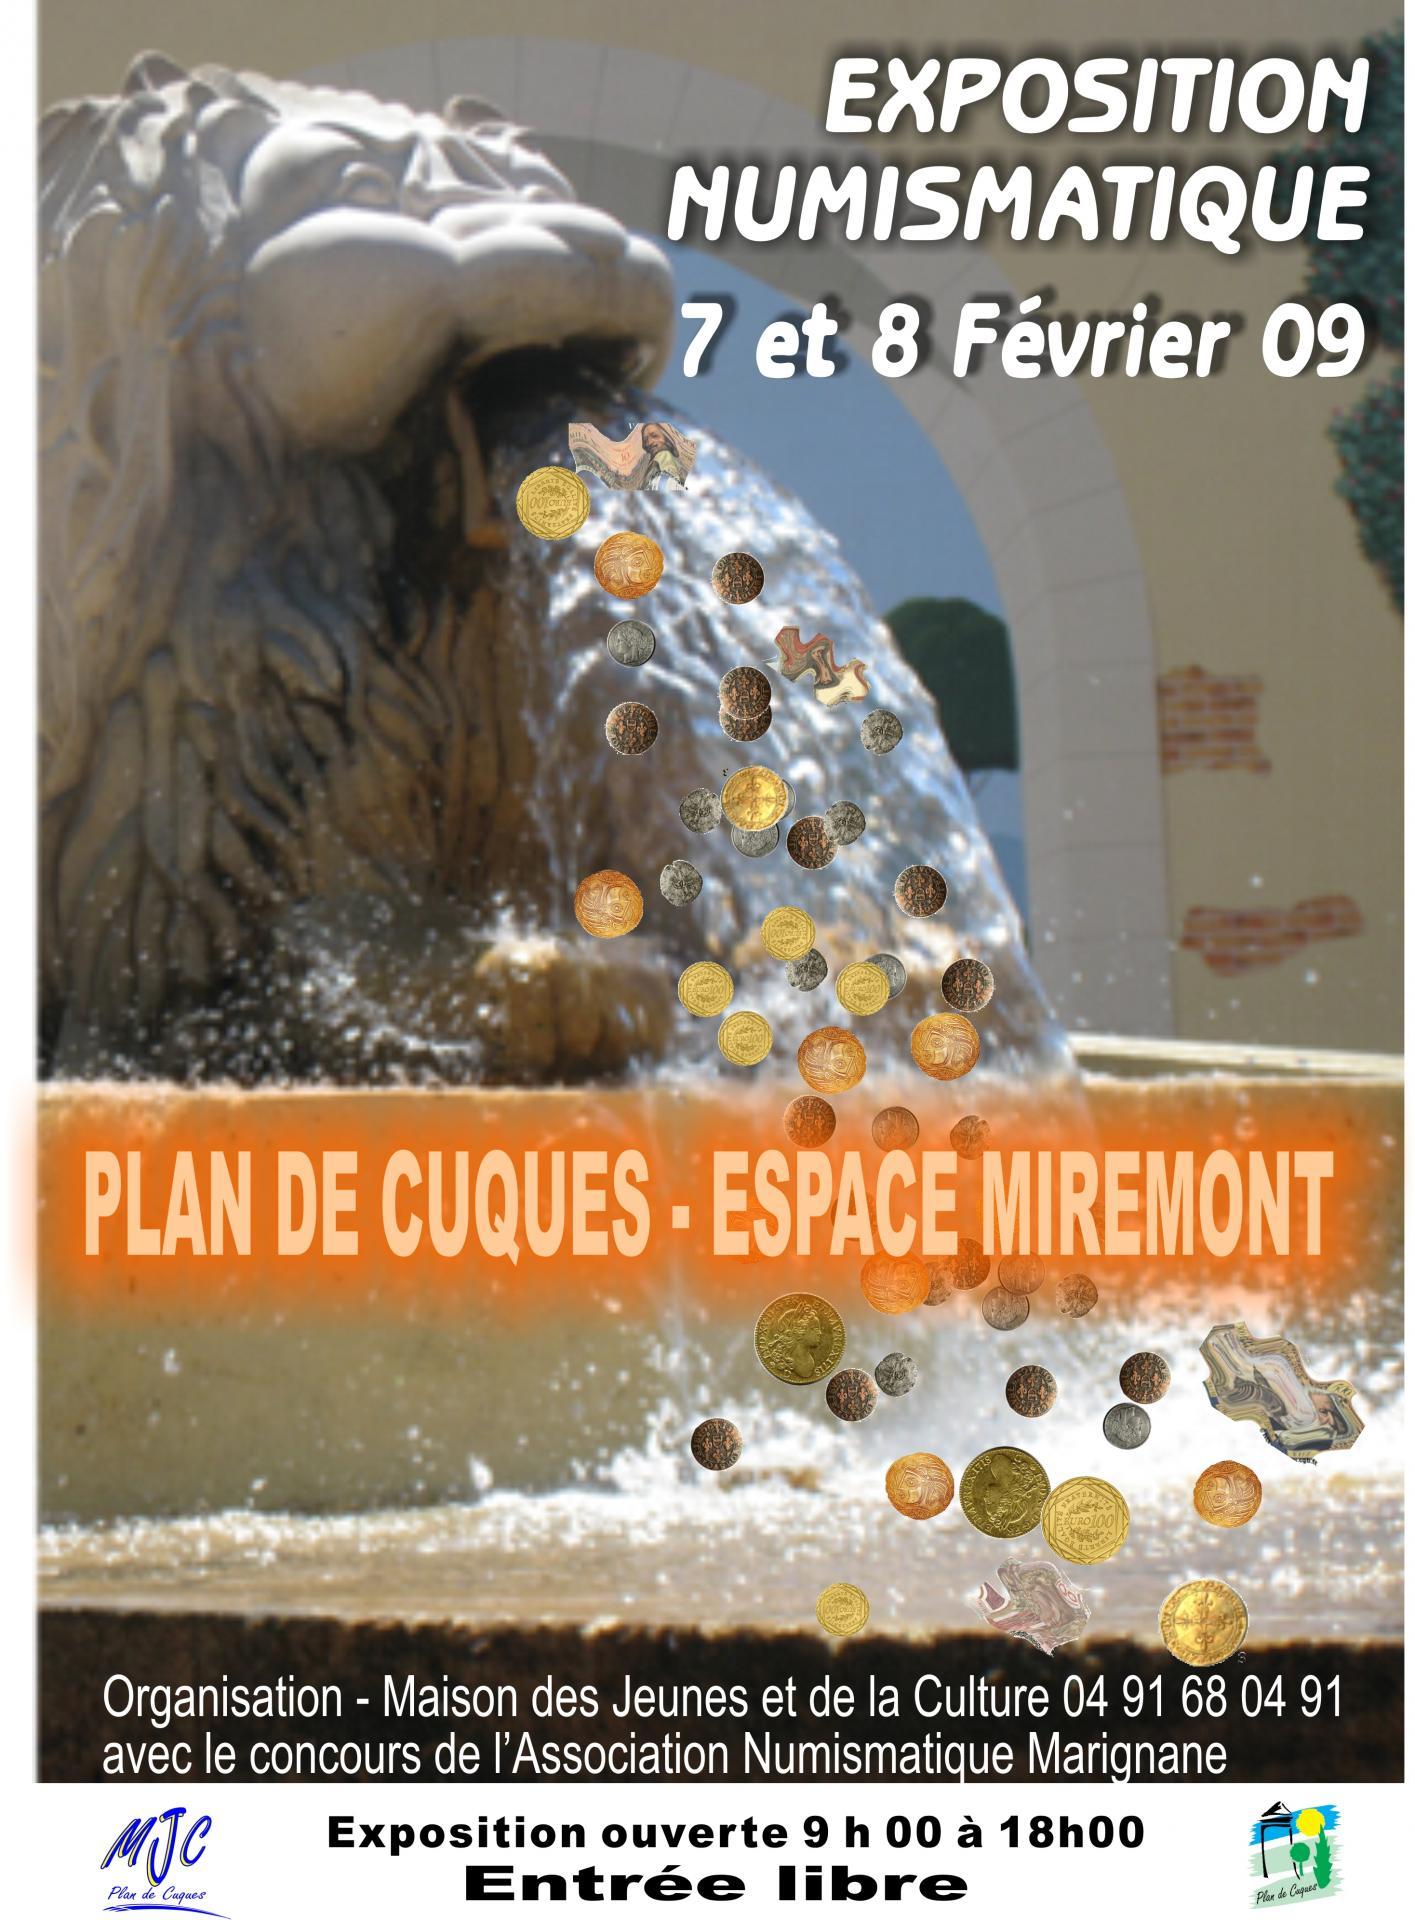 Expositionmonnaie2009 1 1